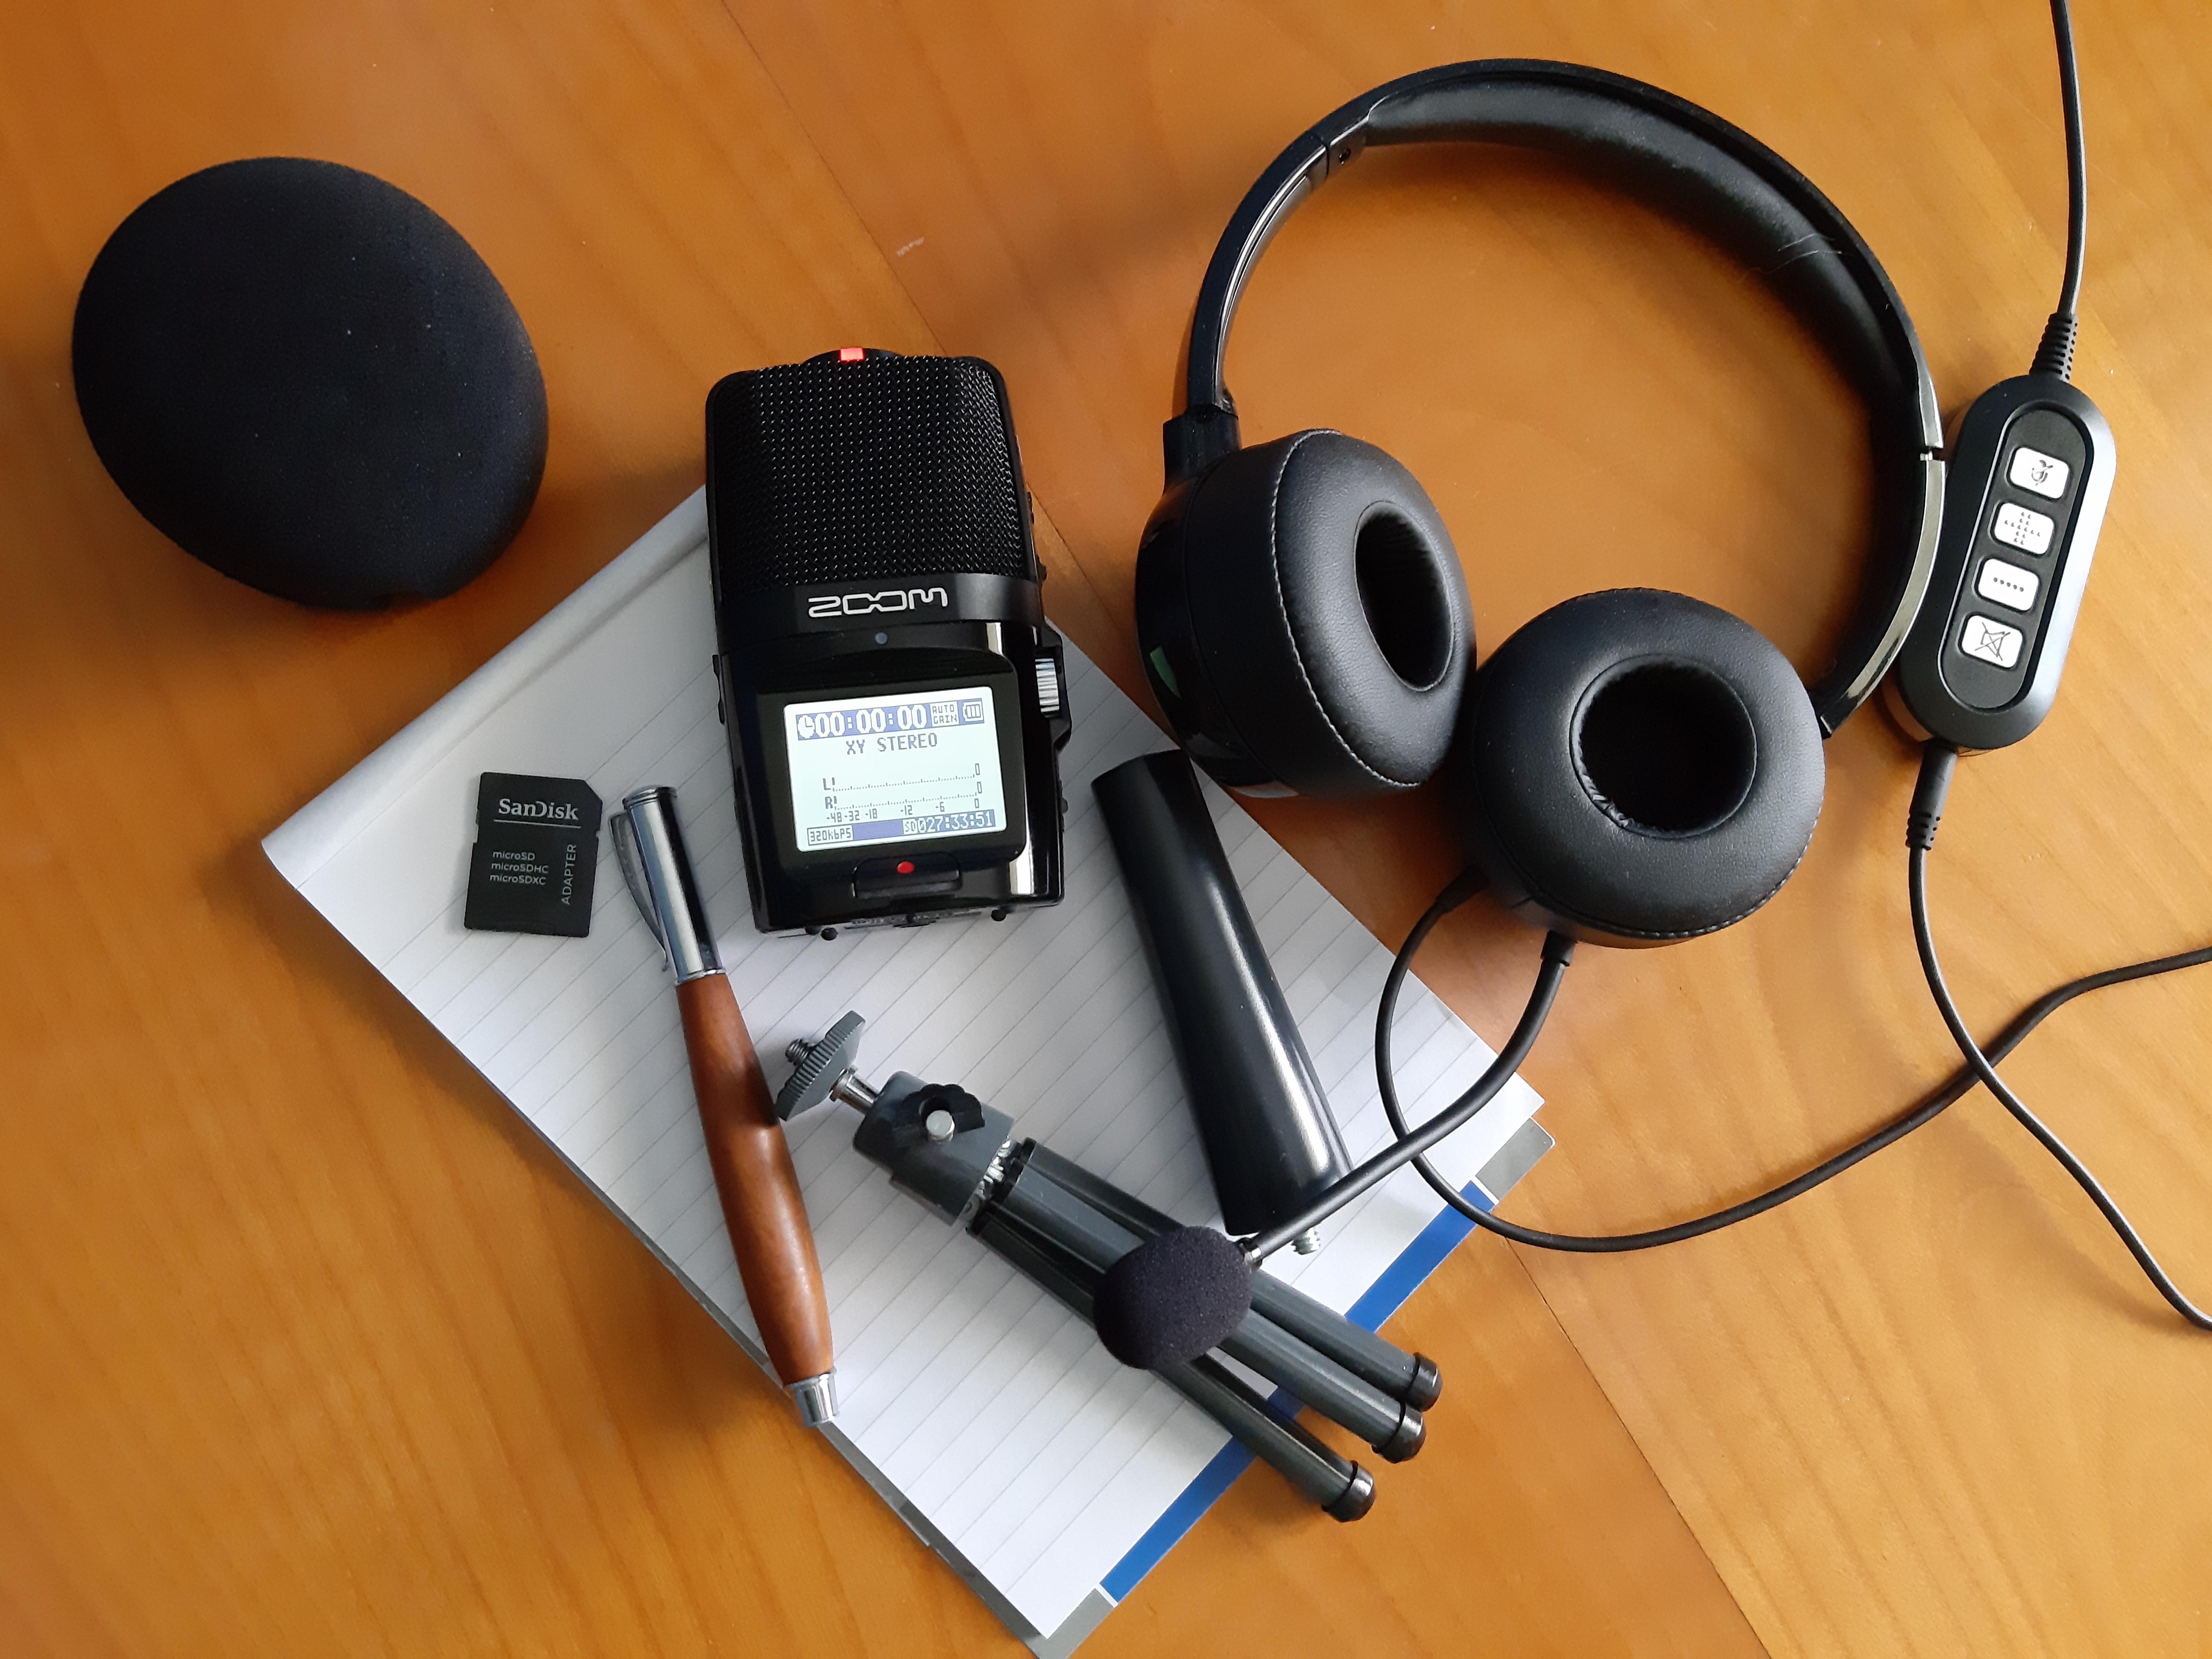 Bild zeigt Zoom-Aufnahmegerät, Headset, Stativ, Speicherkarte, Schreibblock und Stift